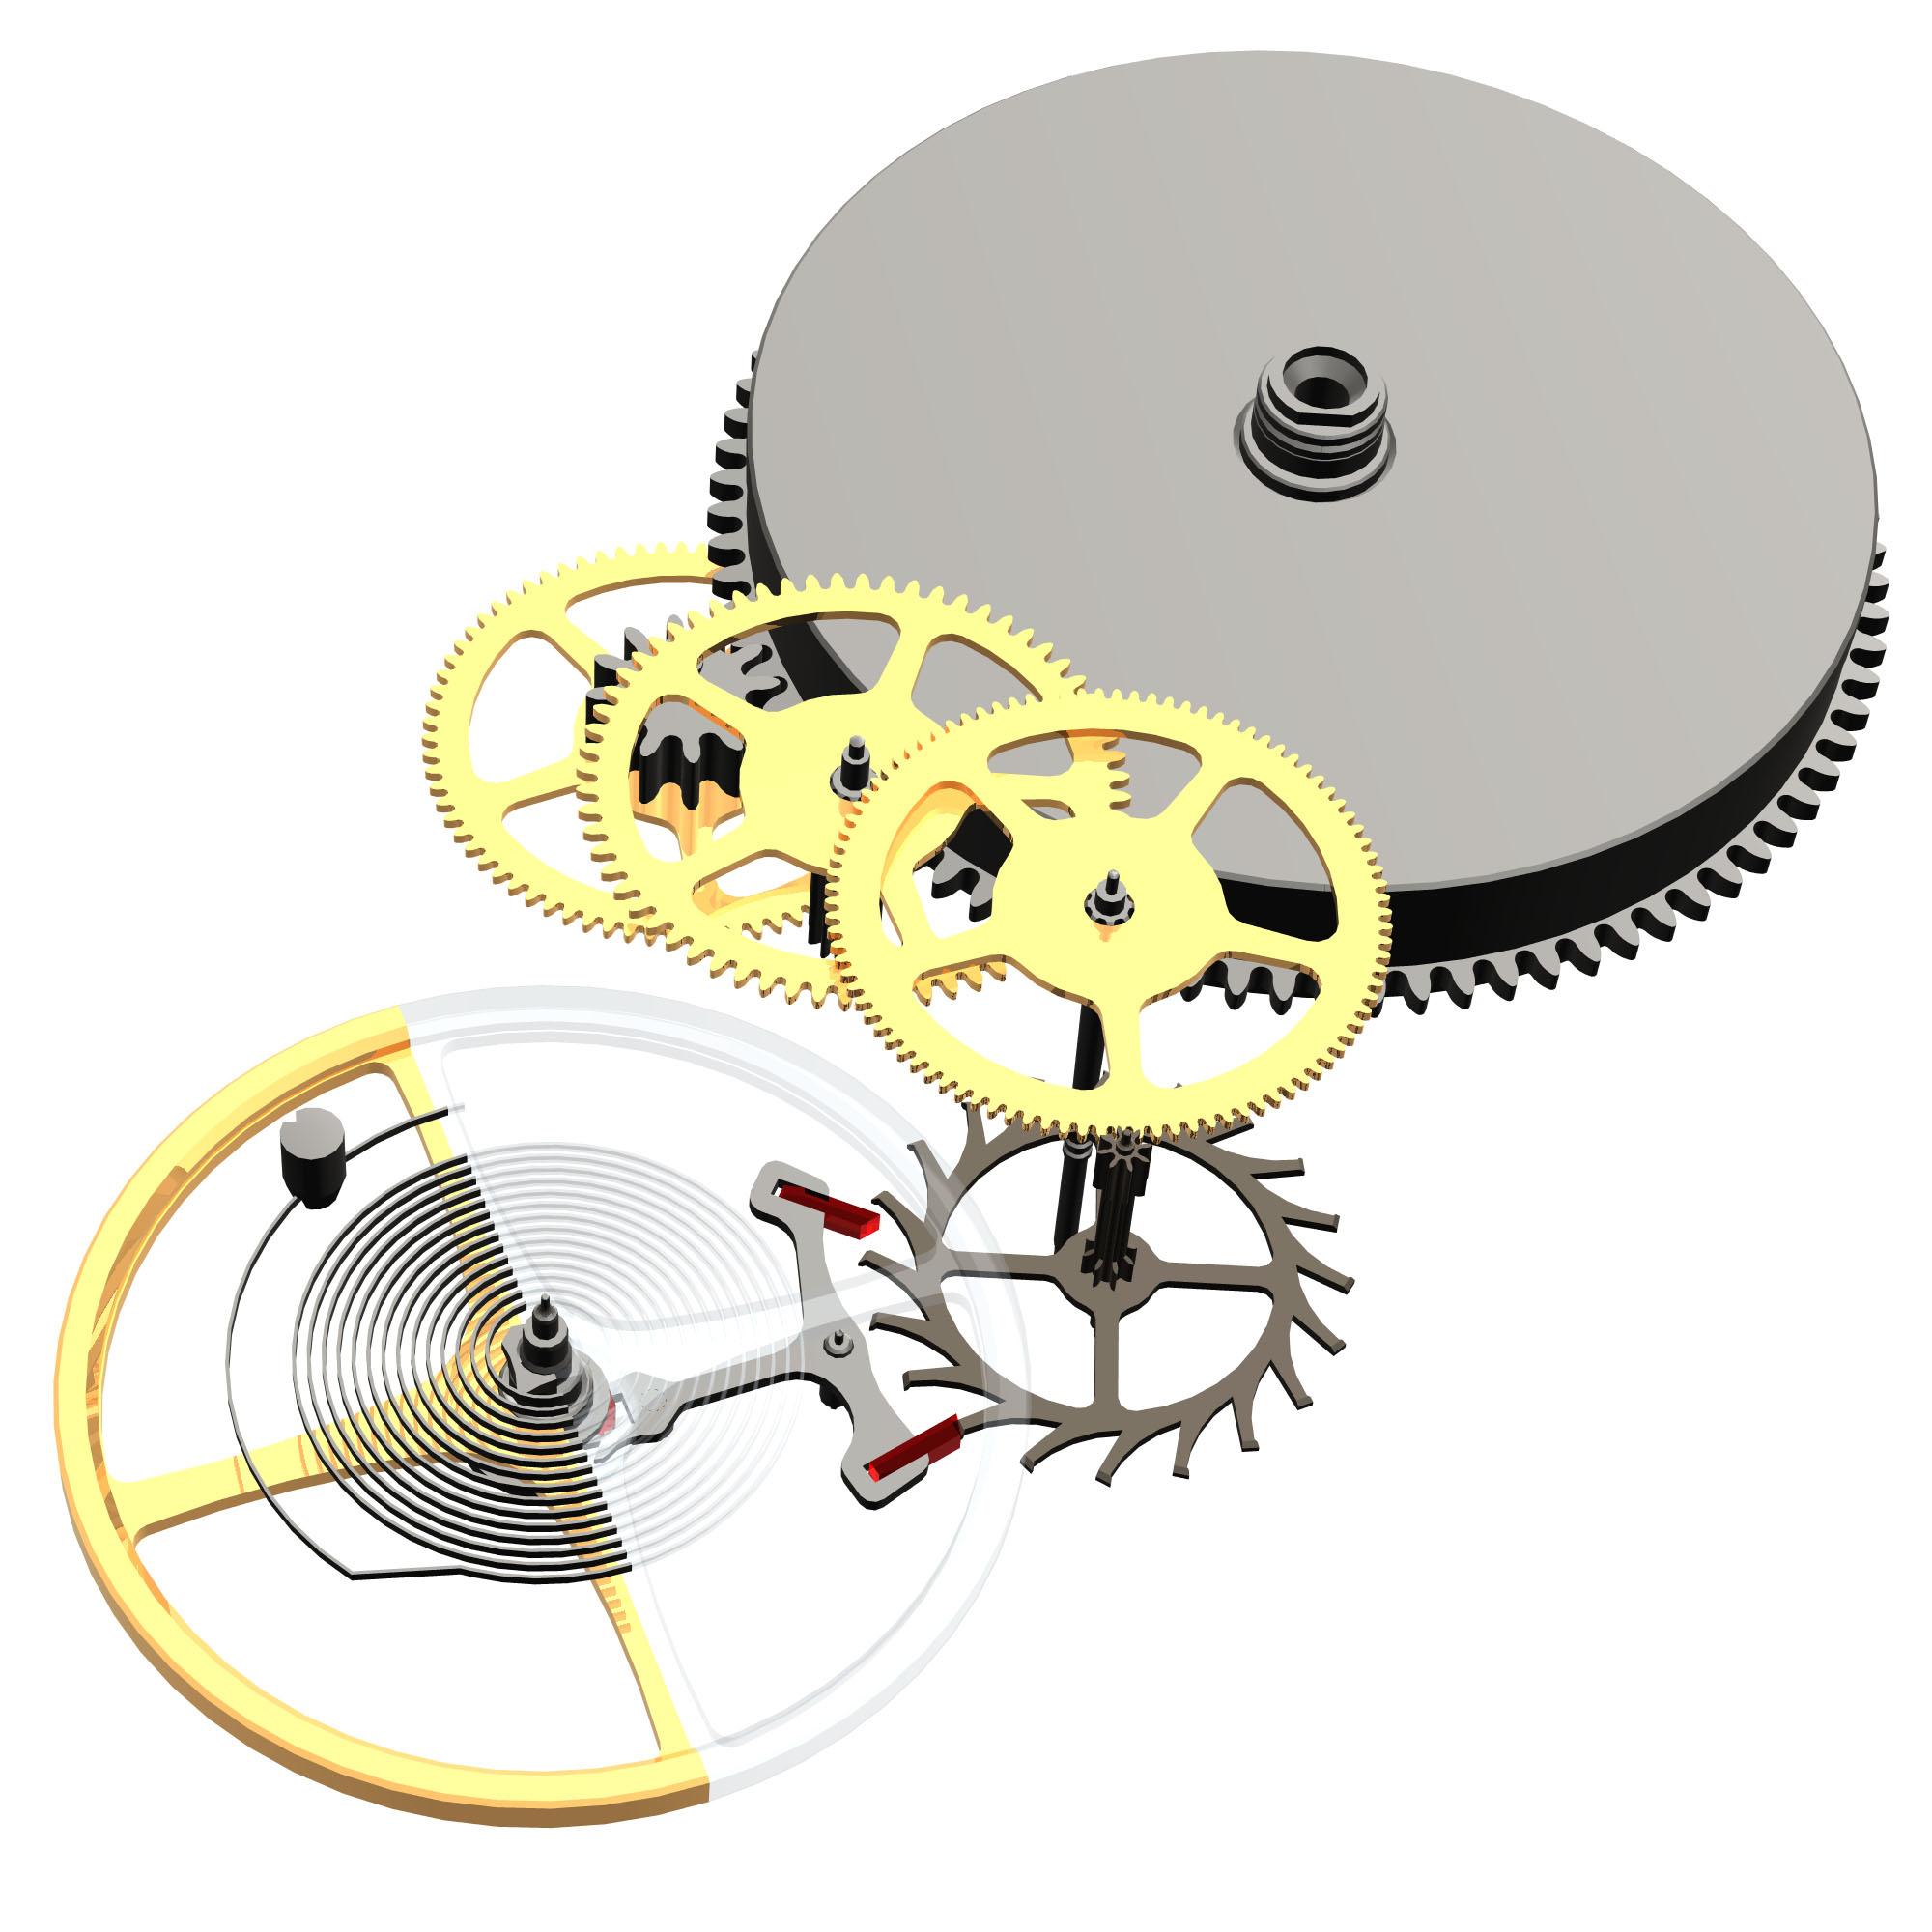 仕組み 機械 式 時計